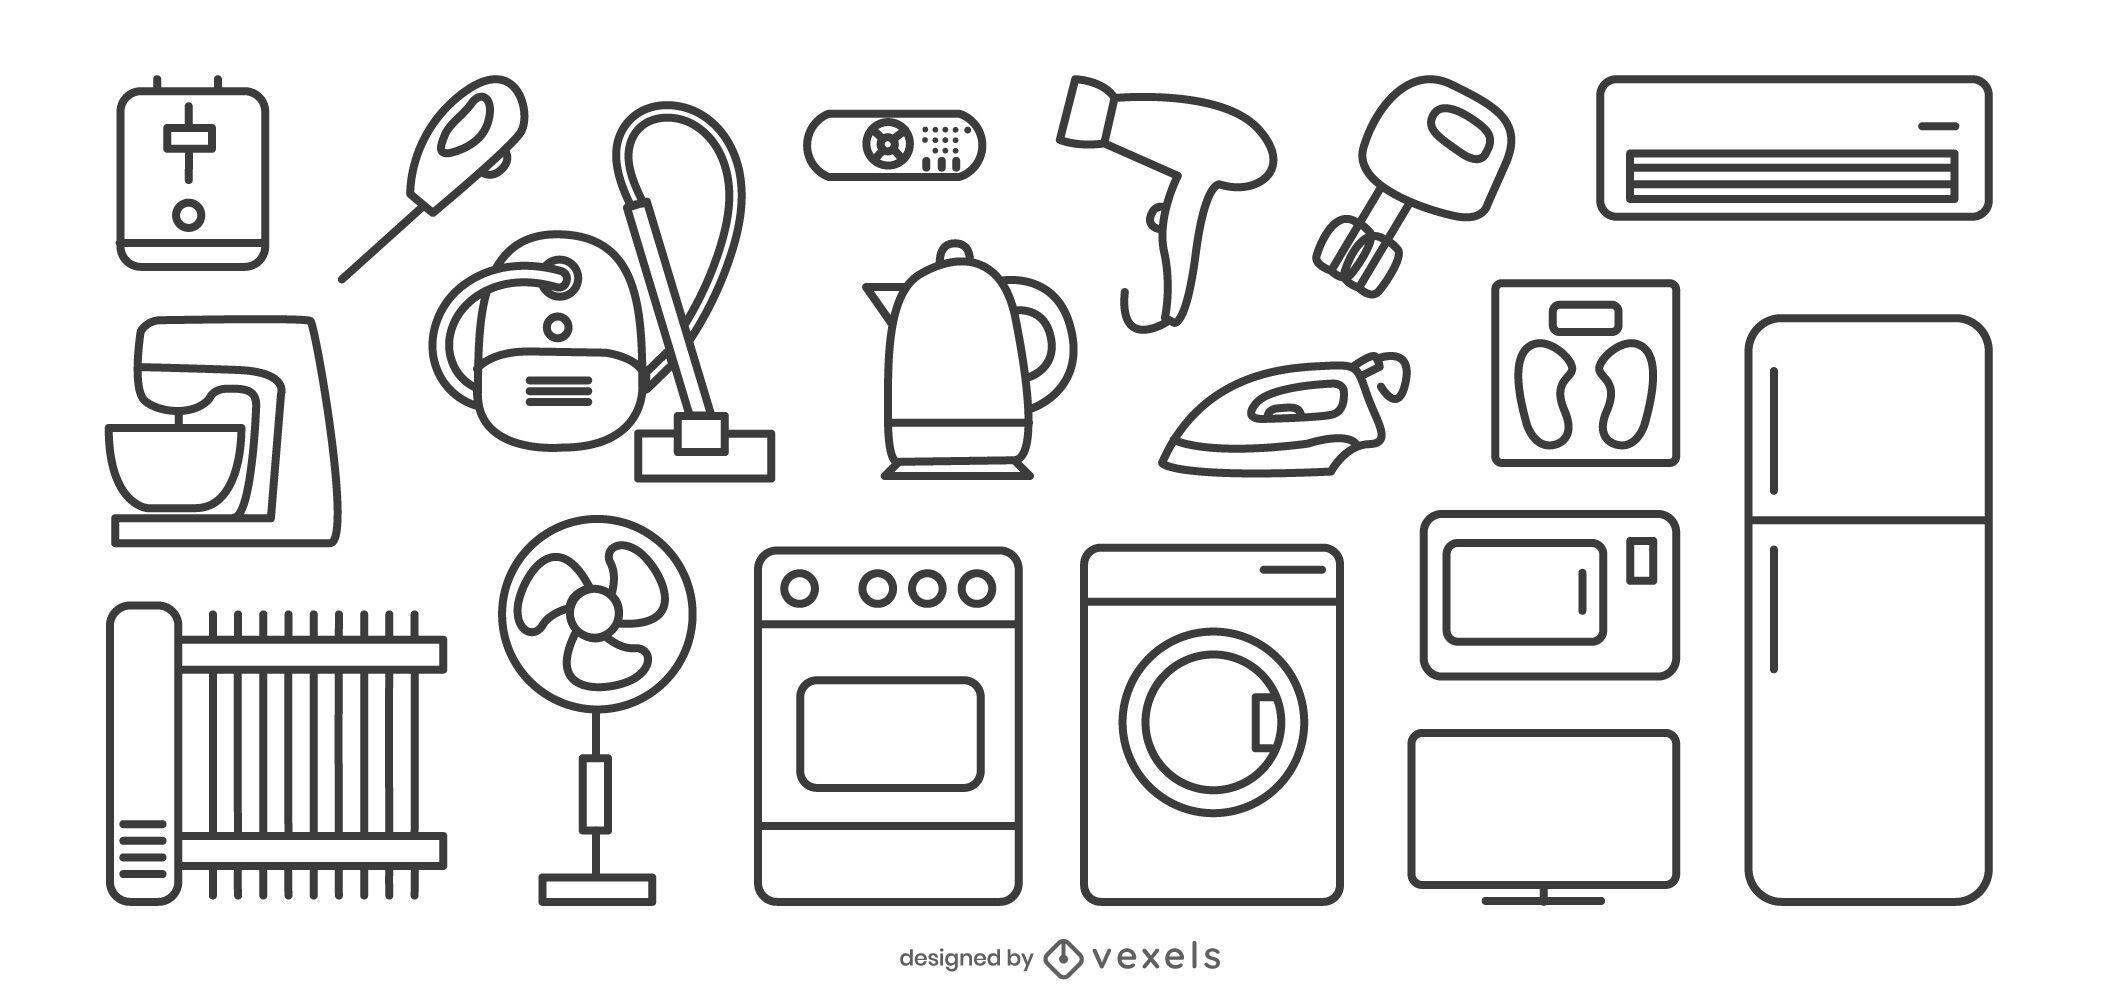 Pacote de eletrodomésticos Stroke Line